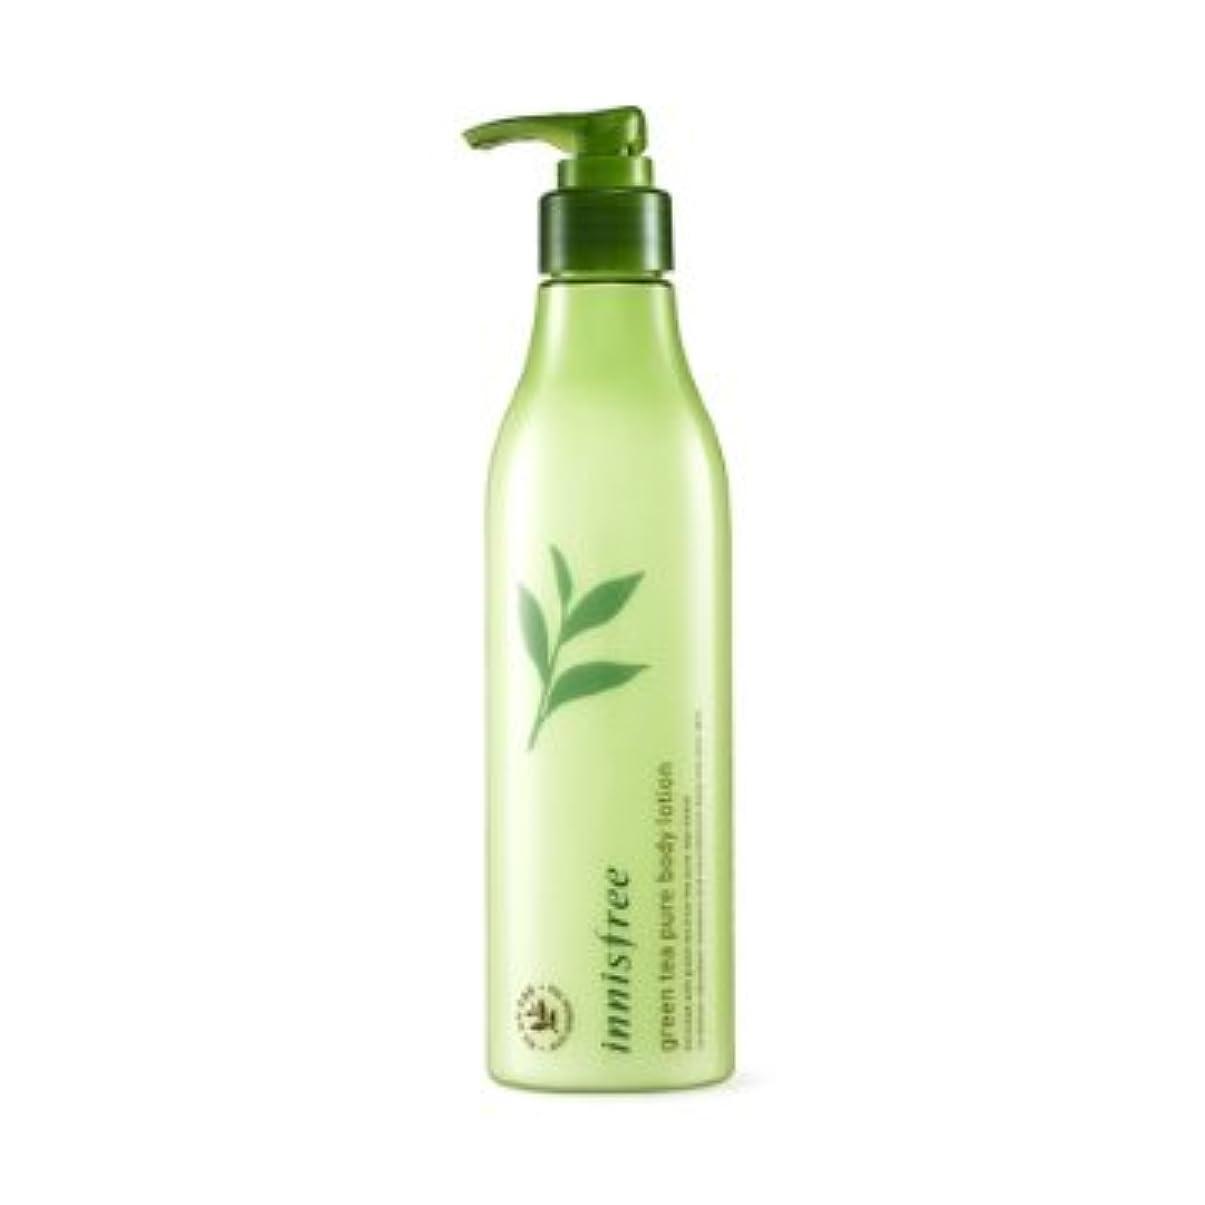 【イニスフリー】Innisfree green tea pure body lotion - 300ml (韓国直送品) (SHOPPINGINSTAGRAM)